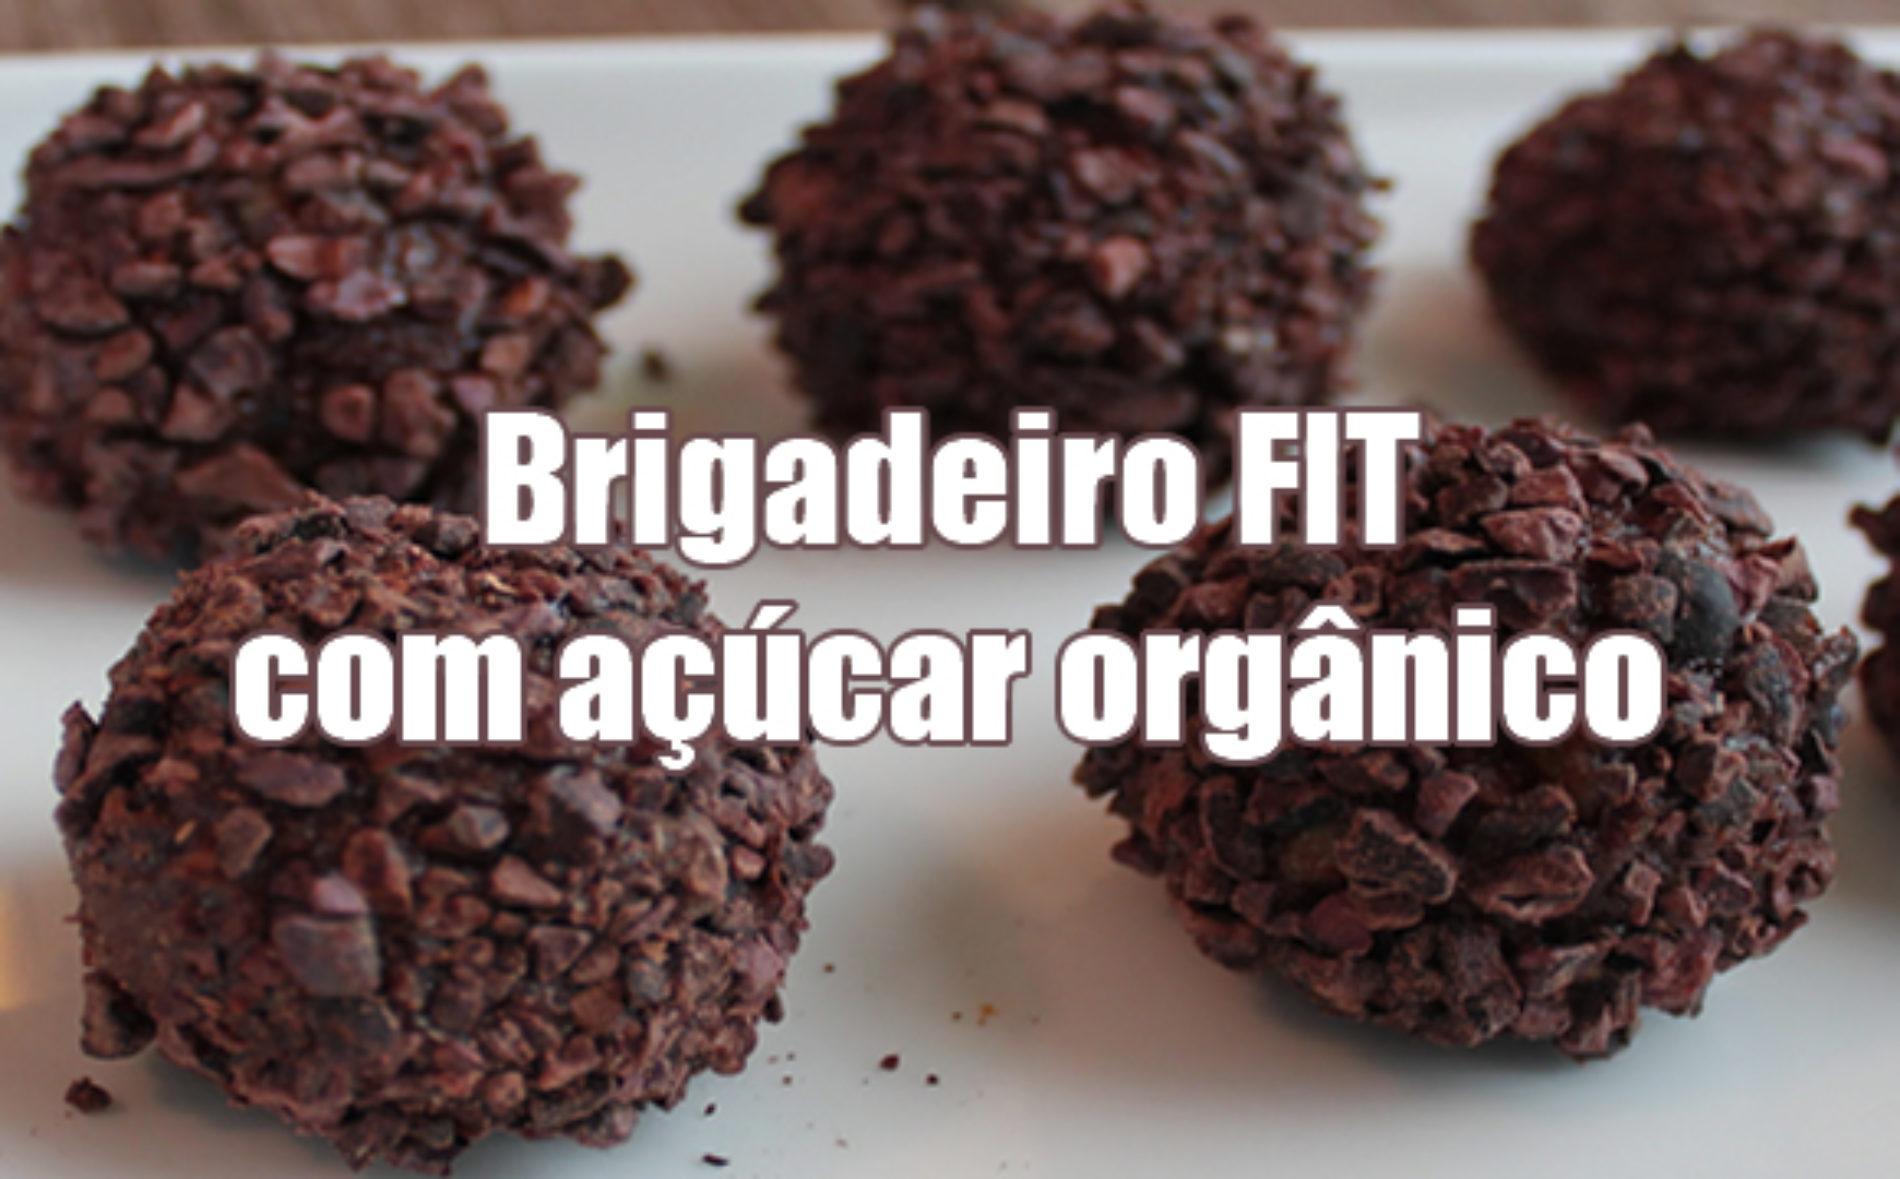 Brigadeiro FIT com açúcar orgânico e leite em pó desnatado